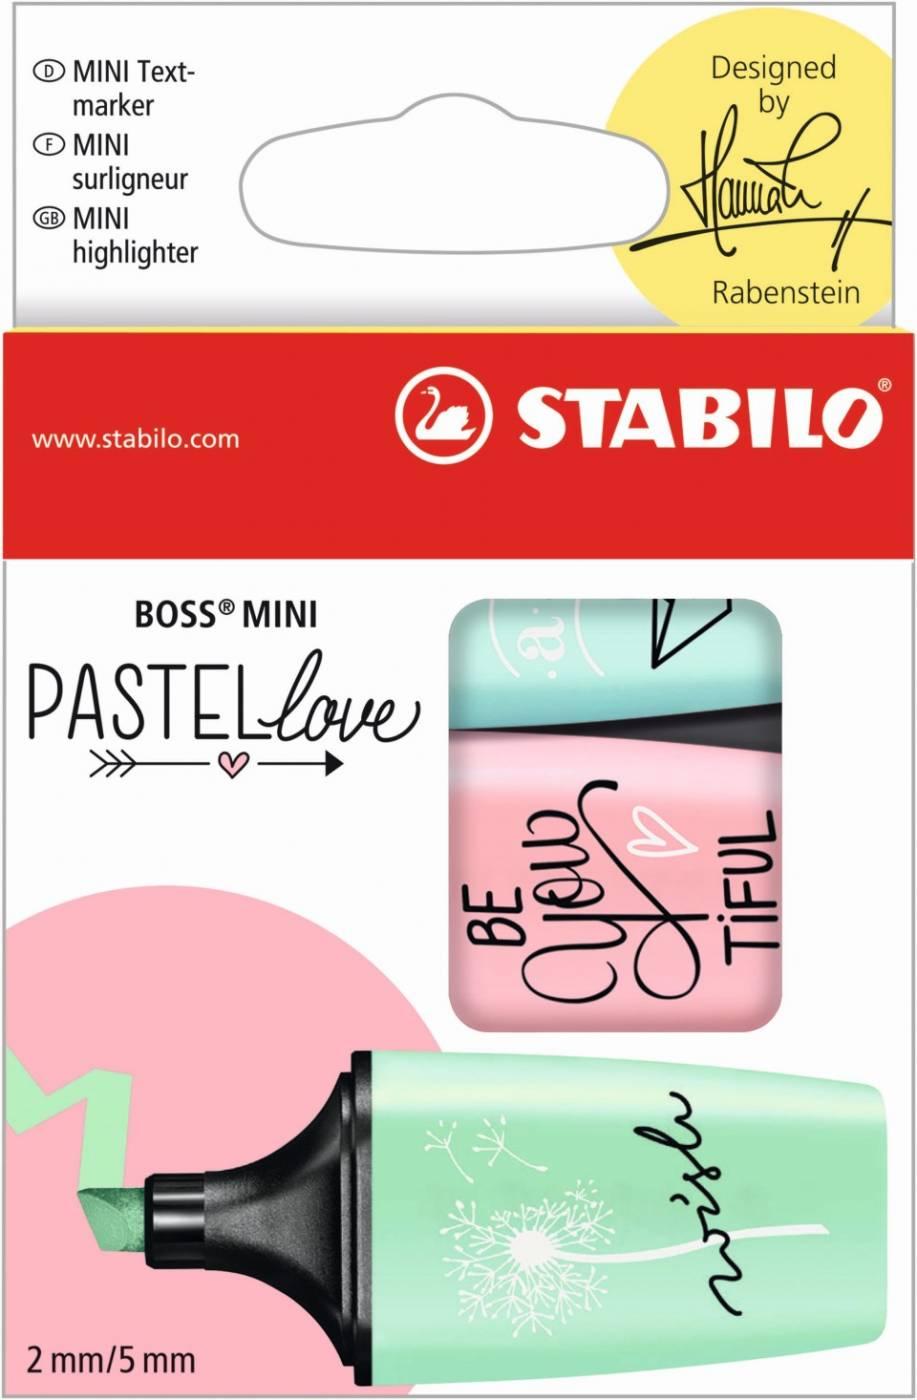 Pastel Love Mini Stabilo - Kit 3 Un Marca Texto - Verde Rosa e Azul